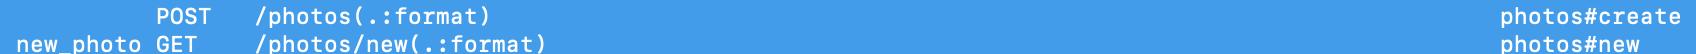 スクリーンショット 2020-03-10 13.29.28.png